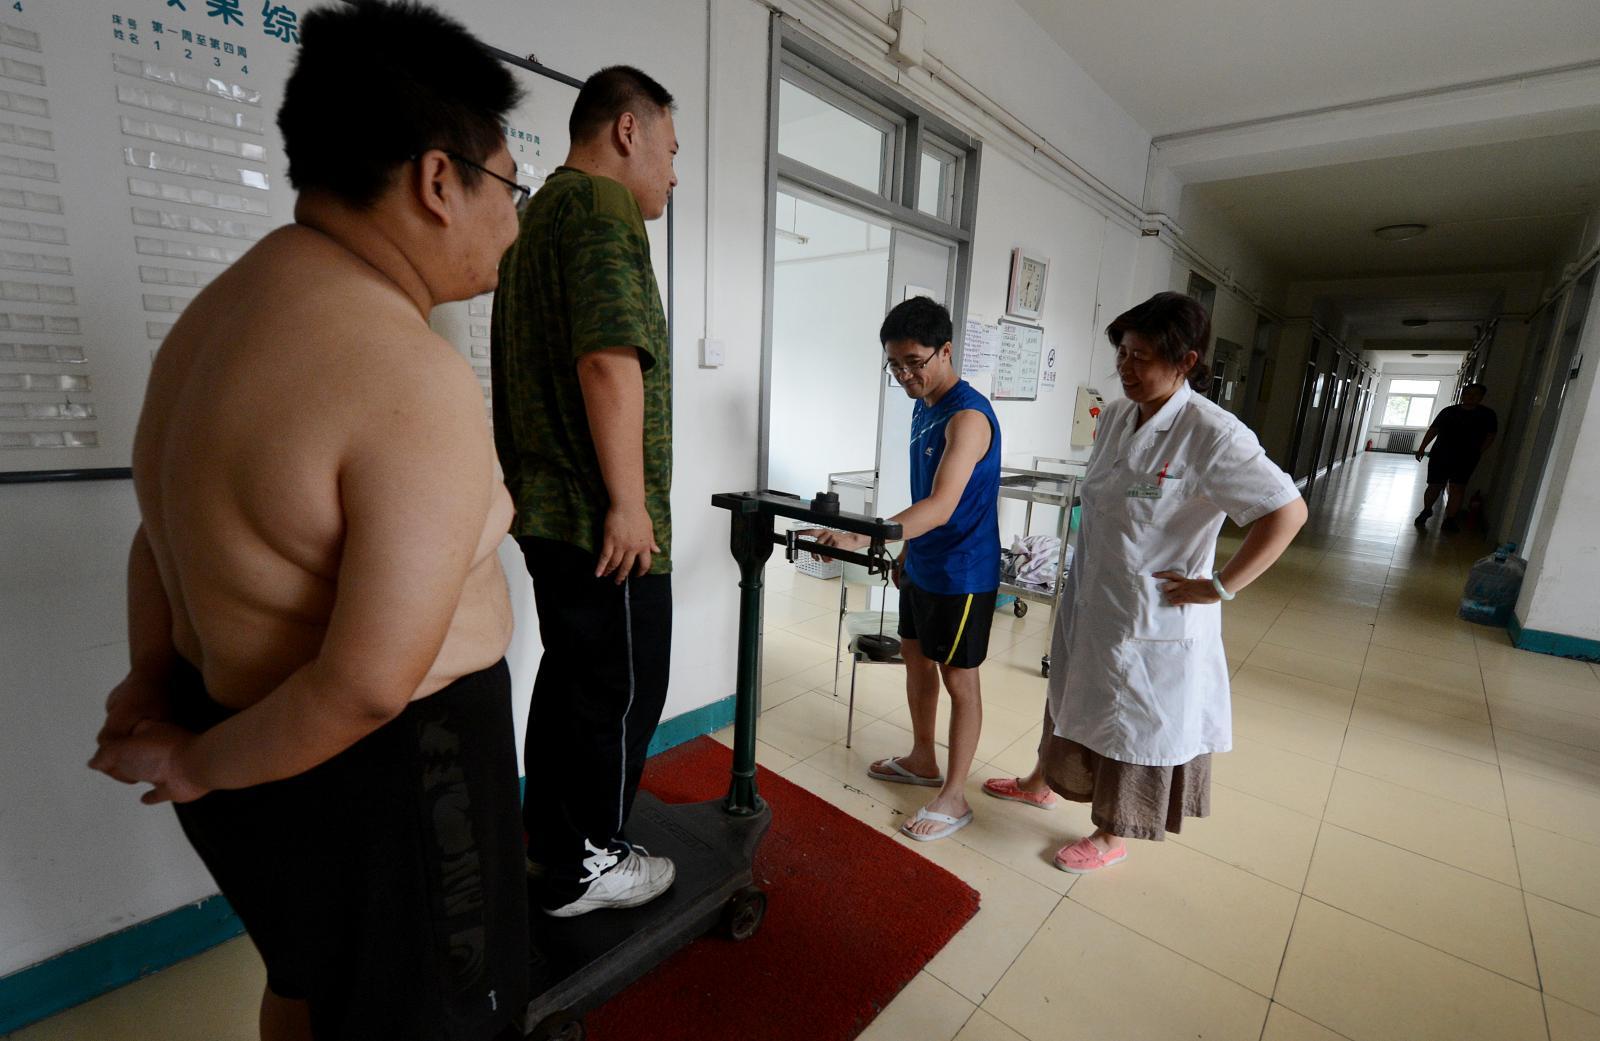 สถิติคนอ้วนในเอเชีย-แปซิฟิกพุ่งมากที่สุดในโลก